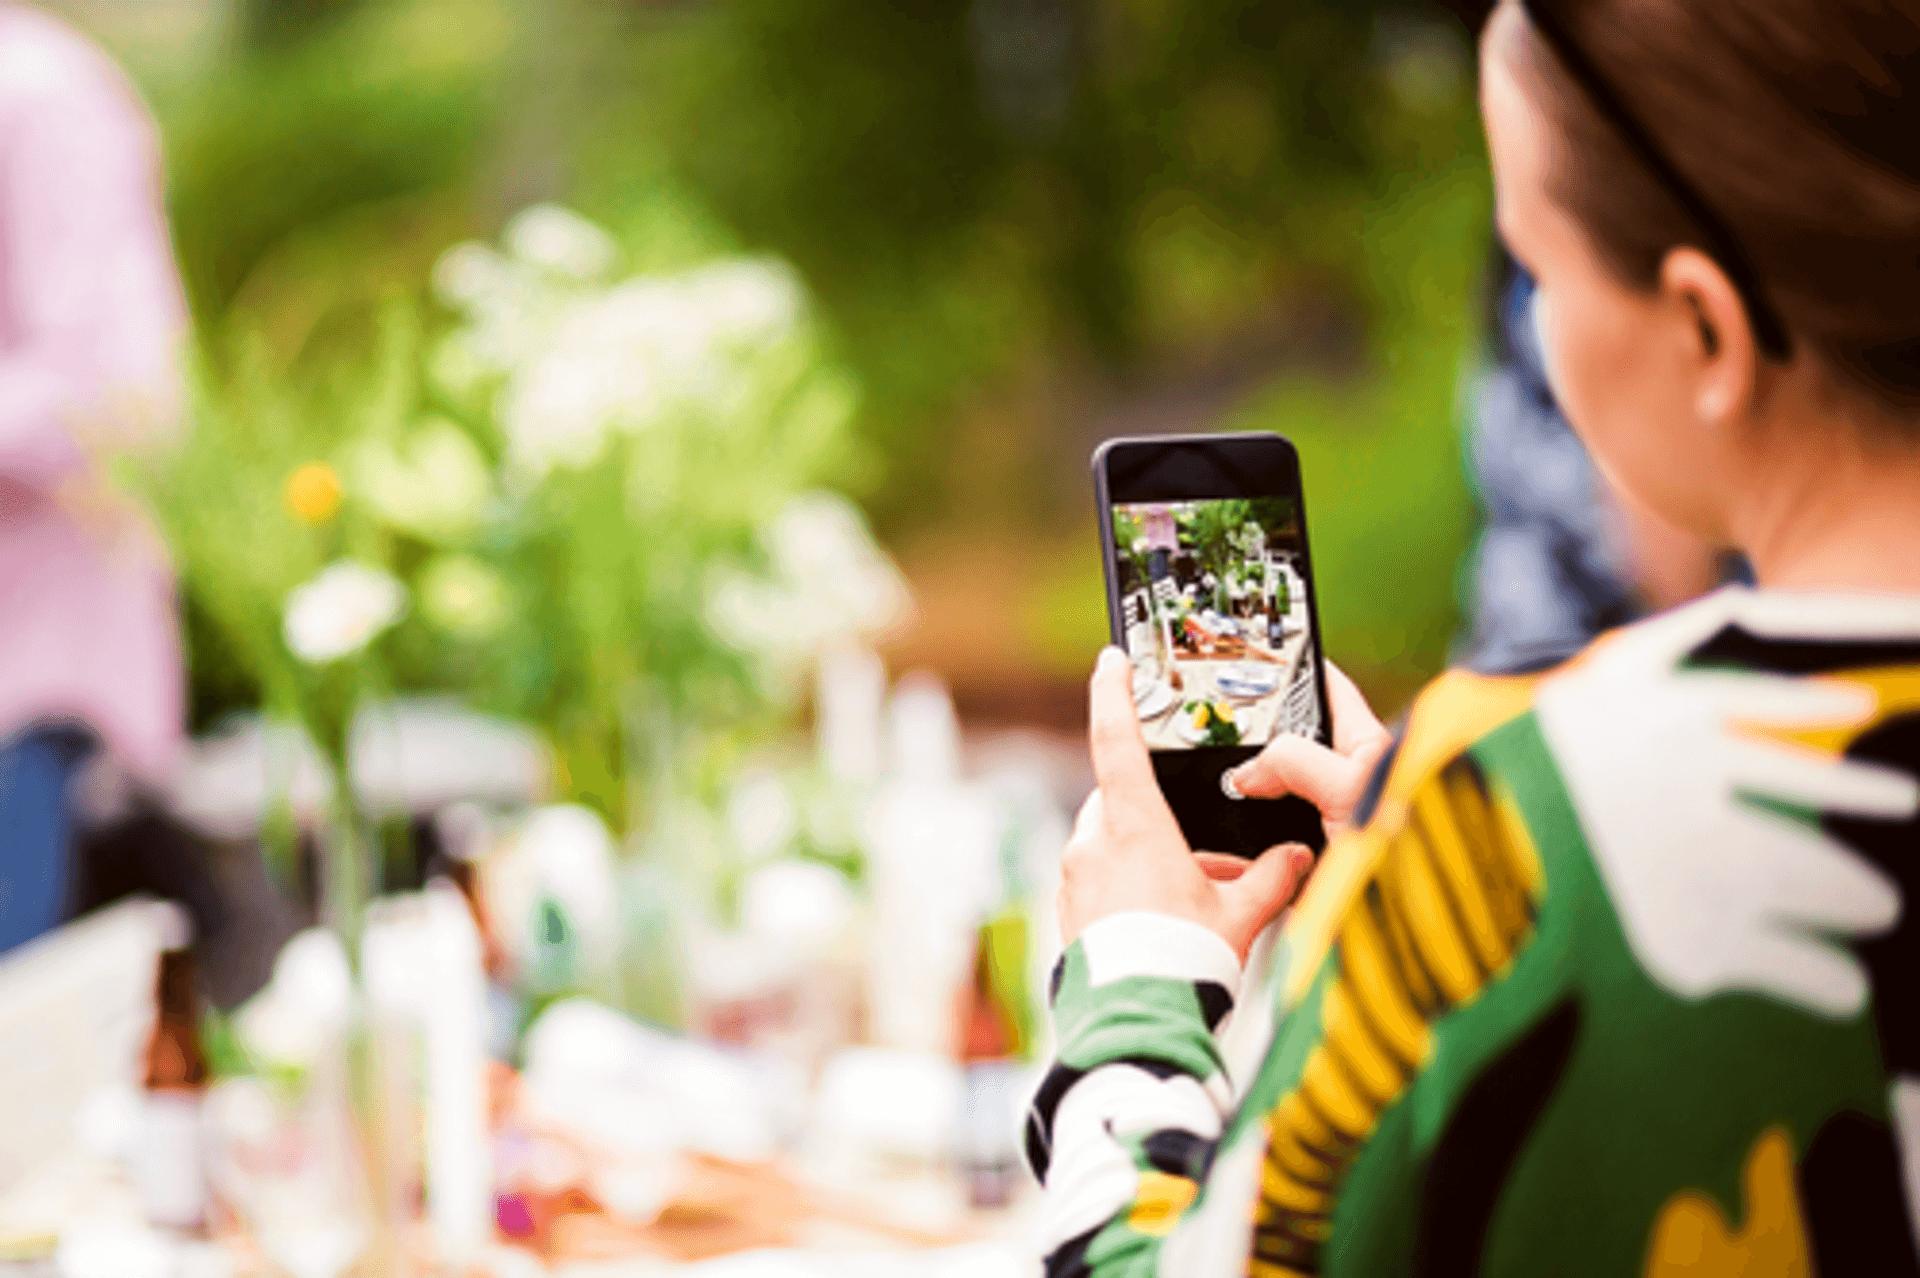 Eine Frau sitzt mit dem Rücken zu uns im Garten und hält ein Handy in der Hand, mit dem sie gerade ein Foto macht. Der Hintergrund ist verschwommen, nur auf dem Bildschirm sieht man scharf den gedeckten Gartentisch, den sie fotografiert.